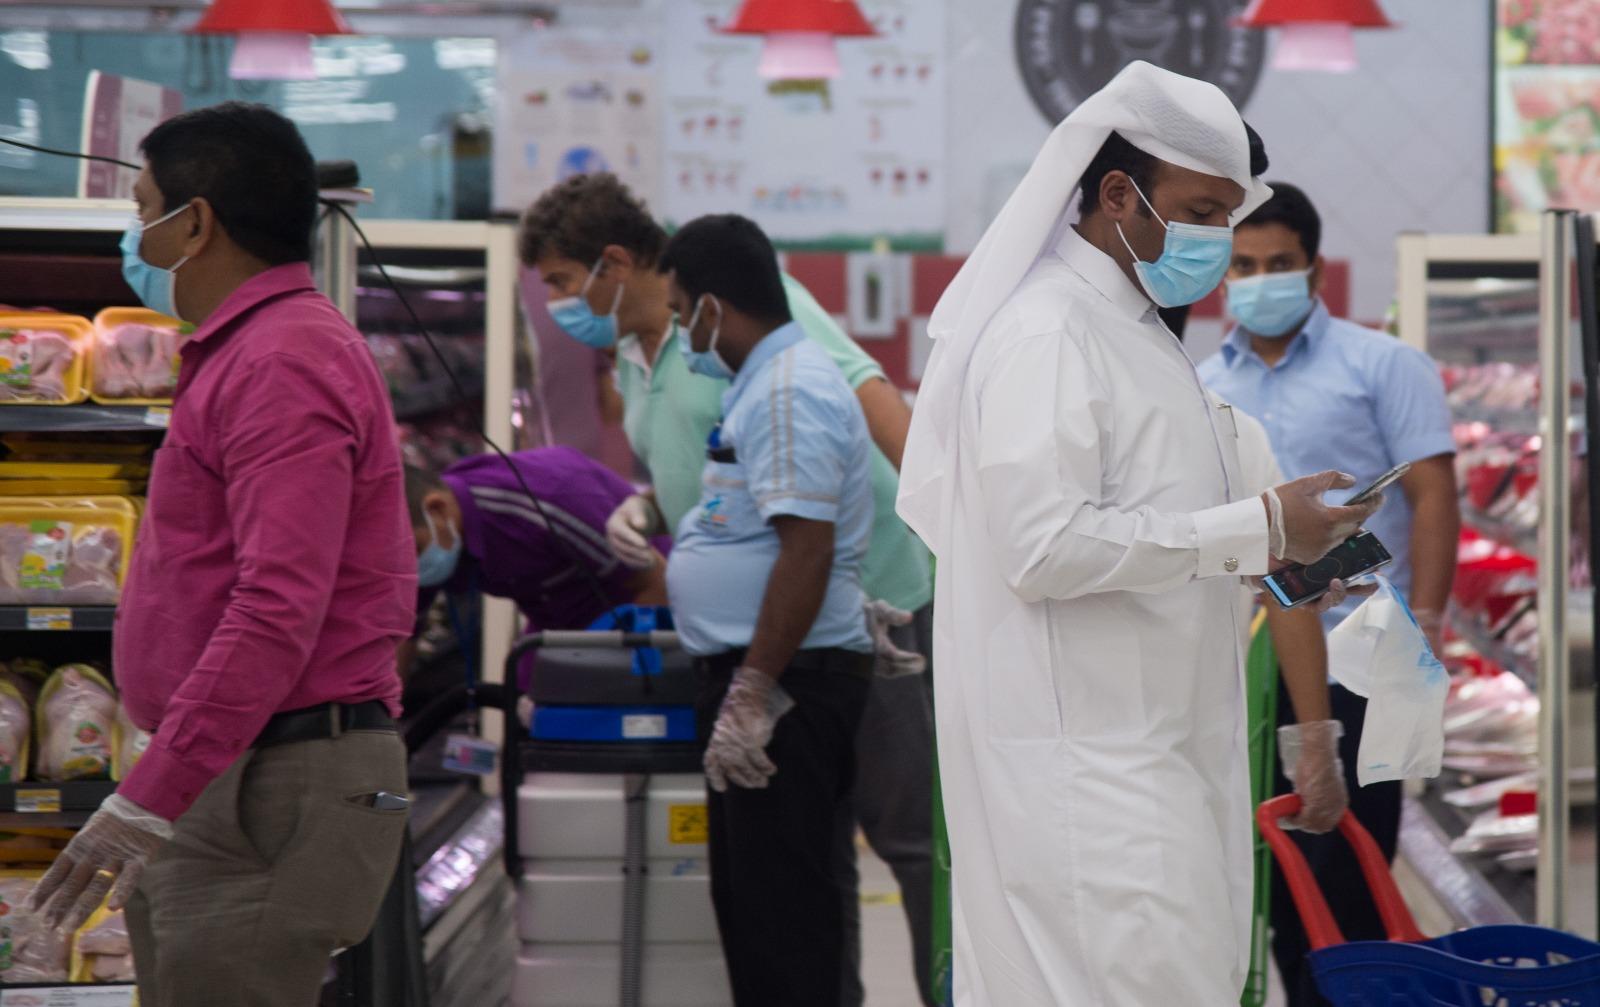 قطر: السجن لمن يخرج من بيته دون كمامة وغرامة تصل إلى 200 ألف ريال قطري